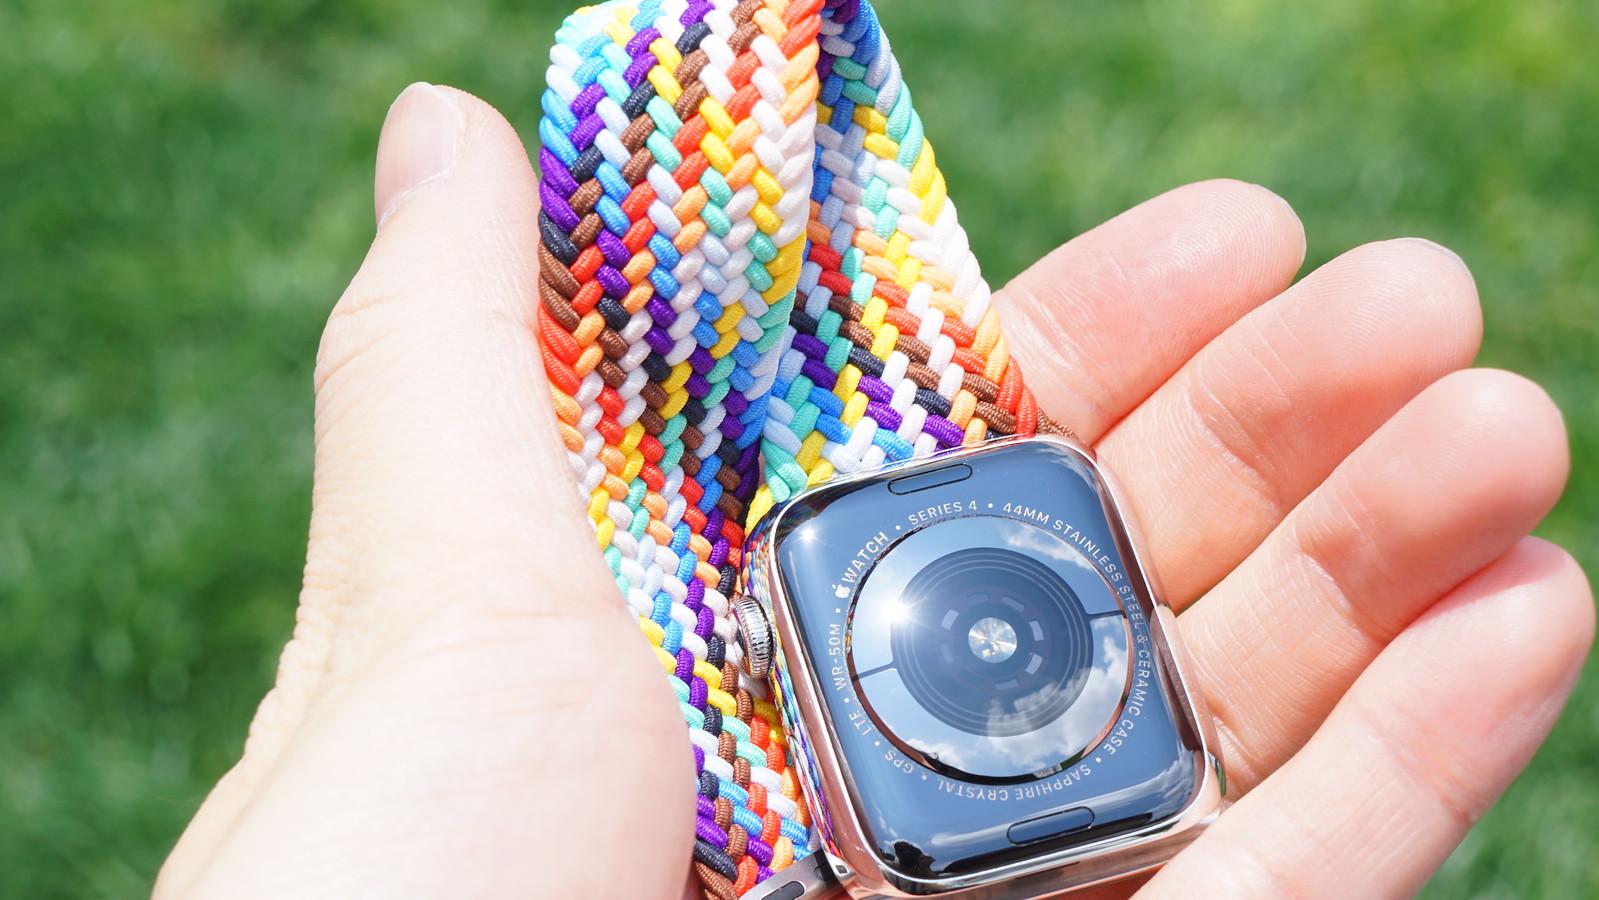 Apple Watch ブレイデッドソロループをレビュー